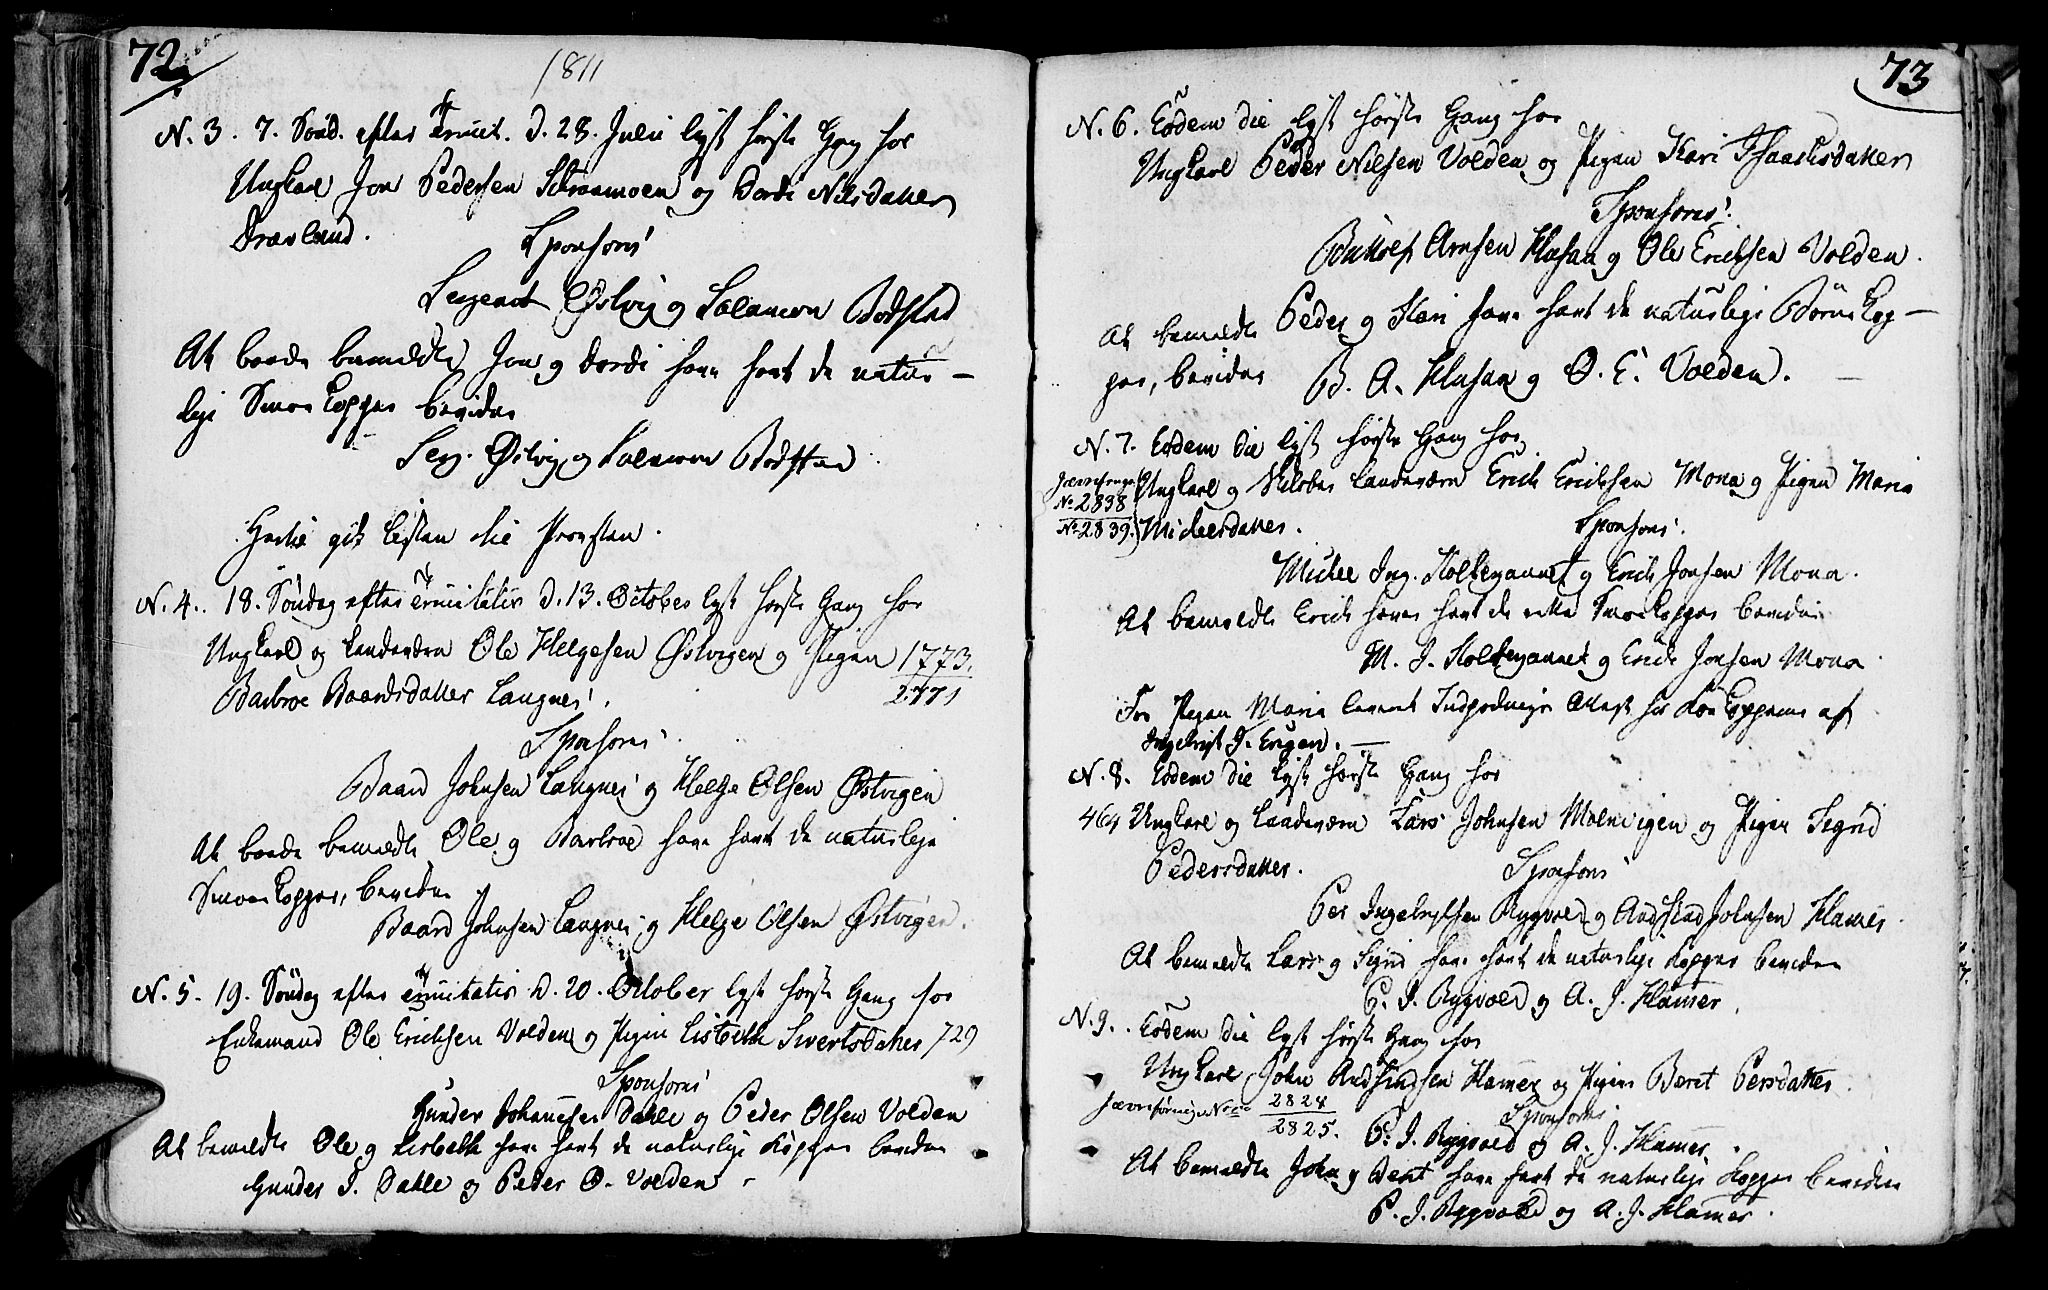 SAT, Ministerialprotokoller, klokkerbøker og fødselsregistre - Nord-Trøndelag, 749/L0468: Ministerialbok nr. 749A02, 1787-1817, s. 72-73